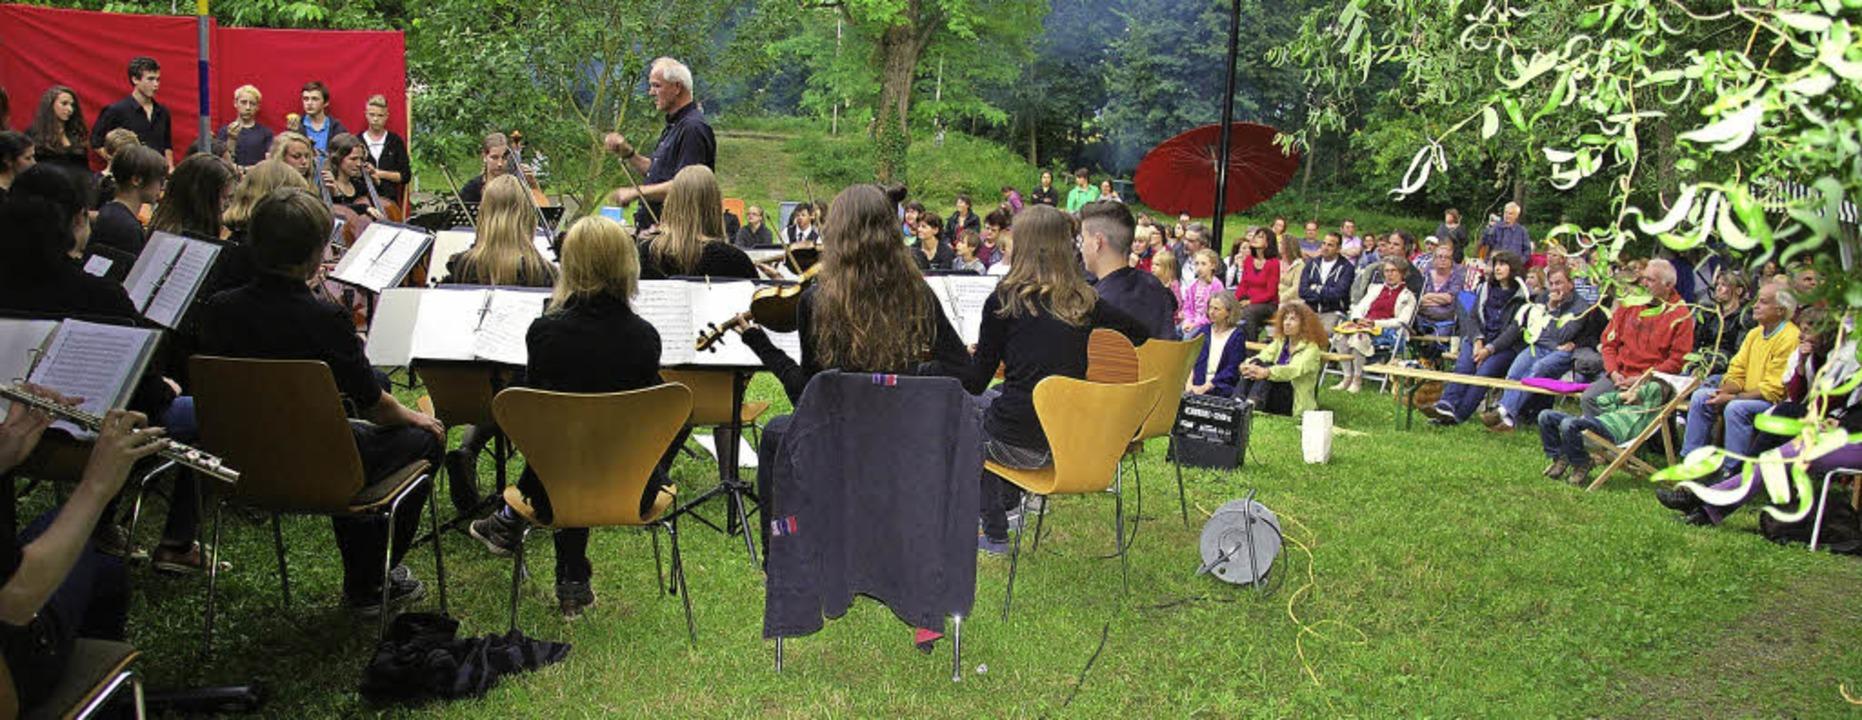 Musik im Liegestuhl genießen – d...nzert der Integrativen Waldorfschule.   | Foto: Schule